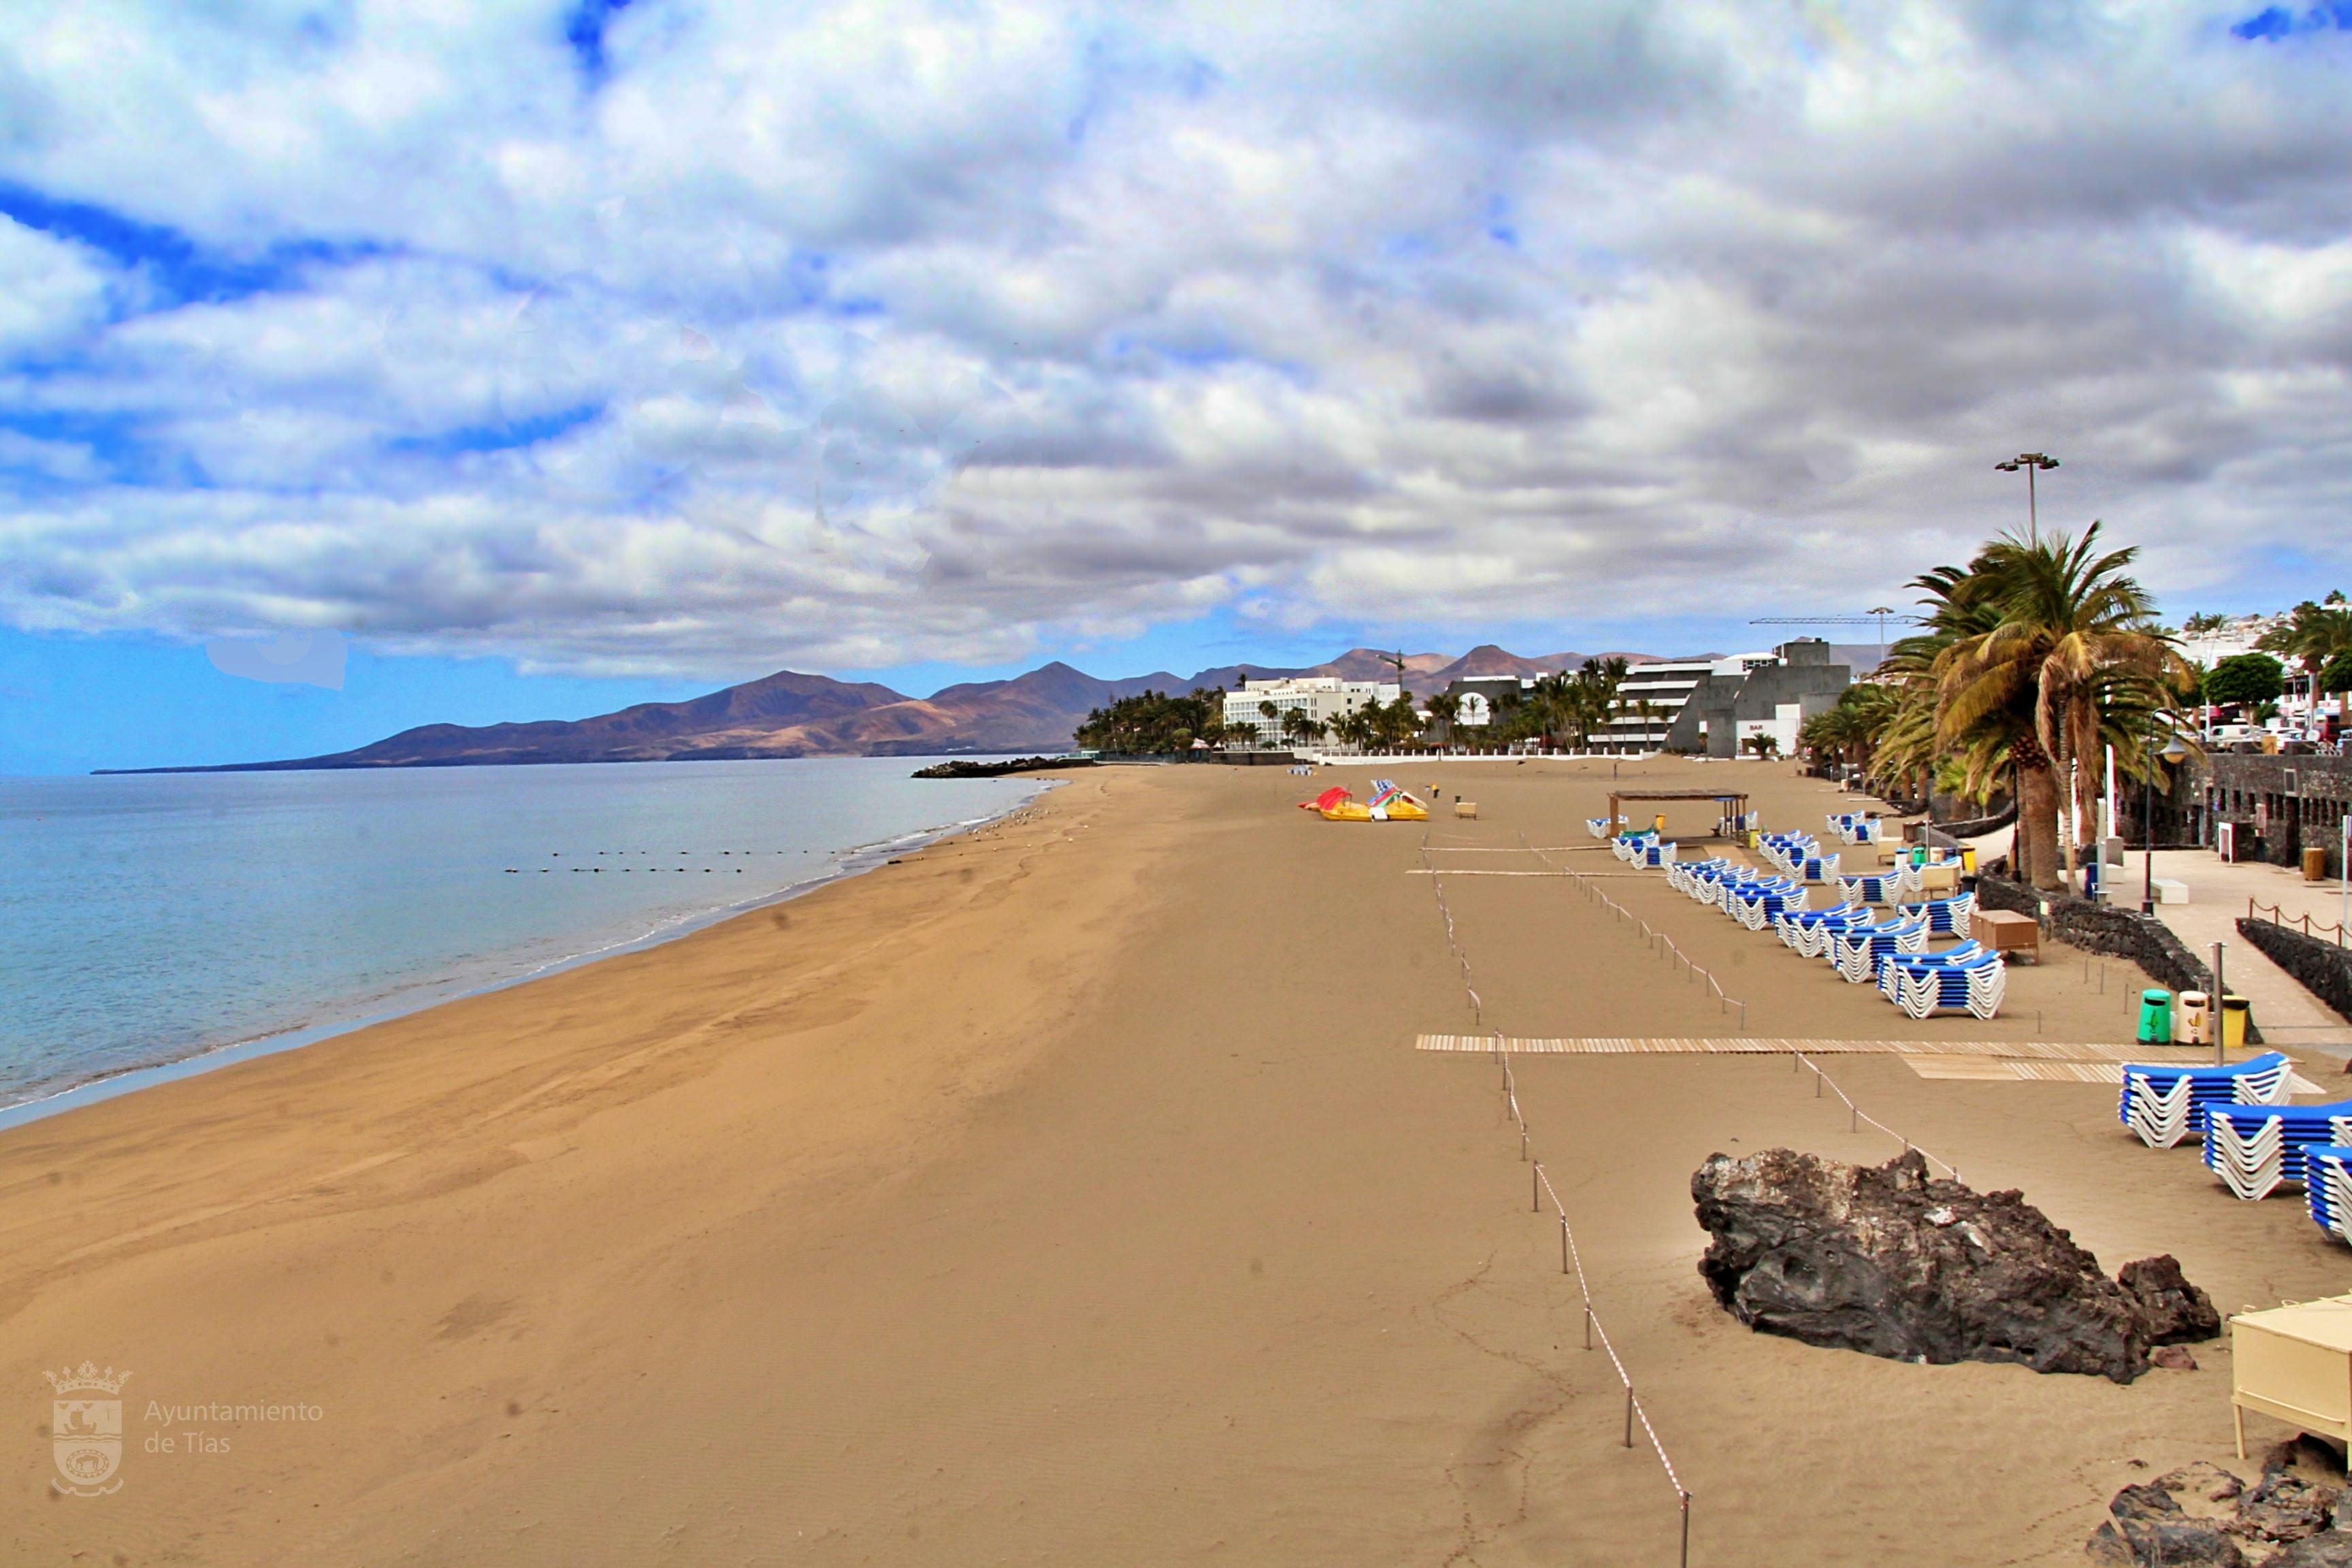 Puerto del Carmen, Tías. Lanzarote